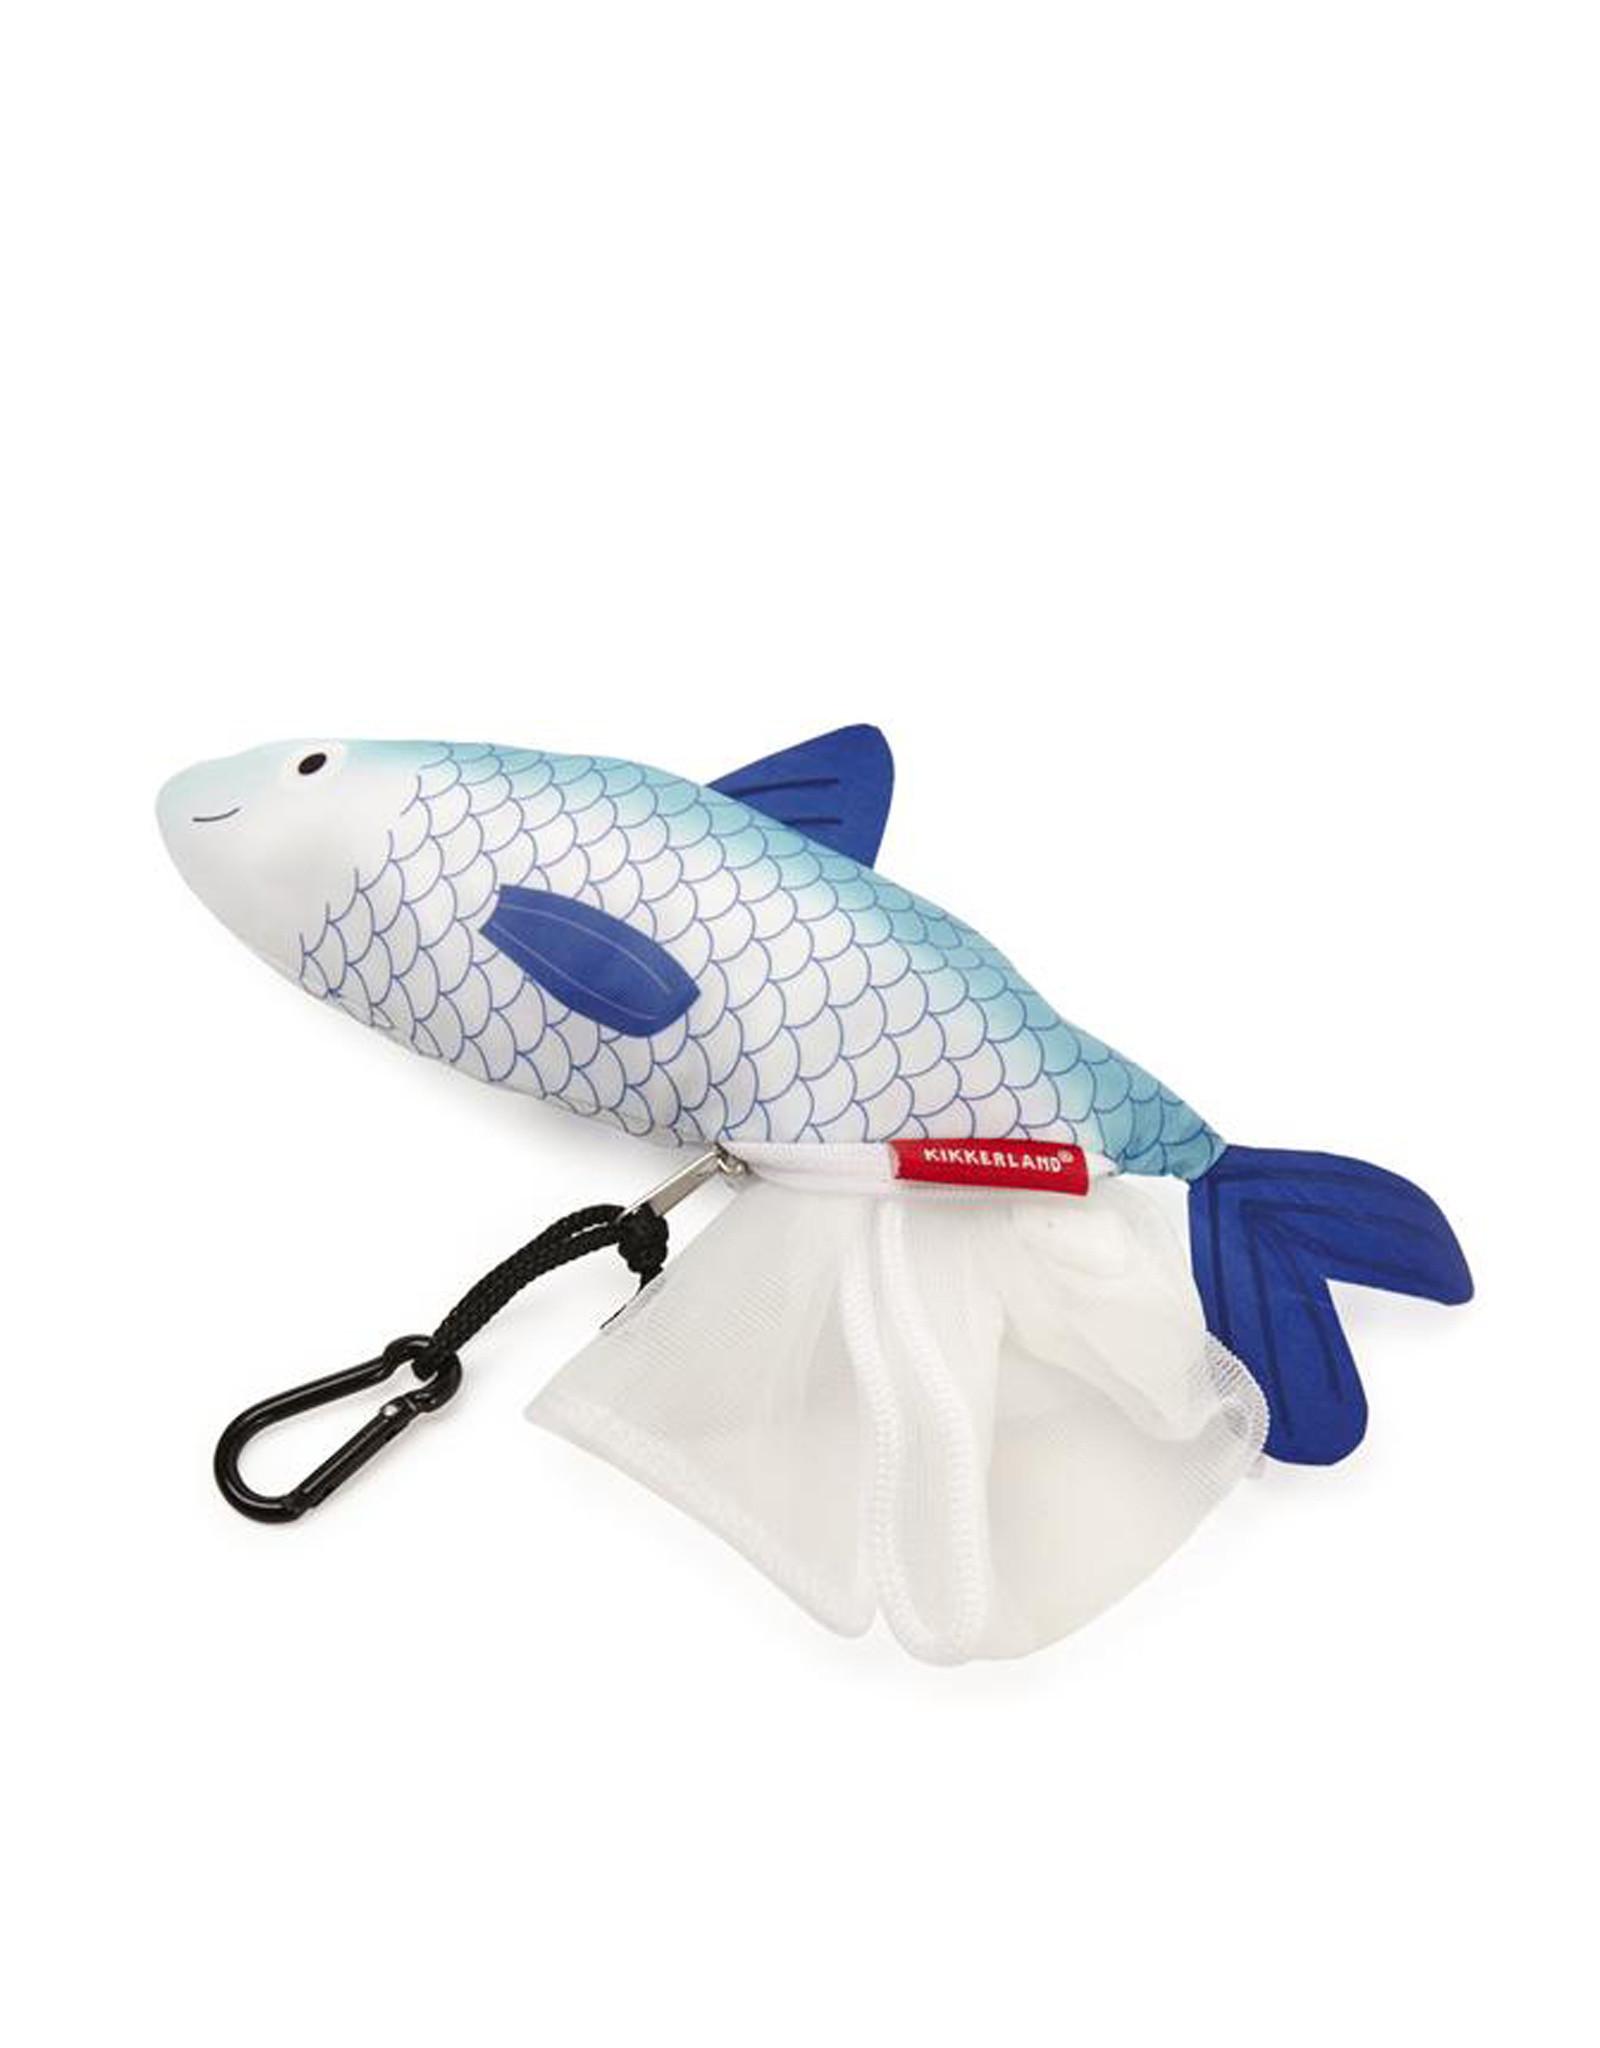 Fish Produce Bags